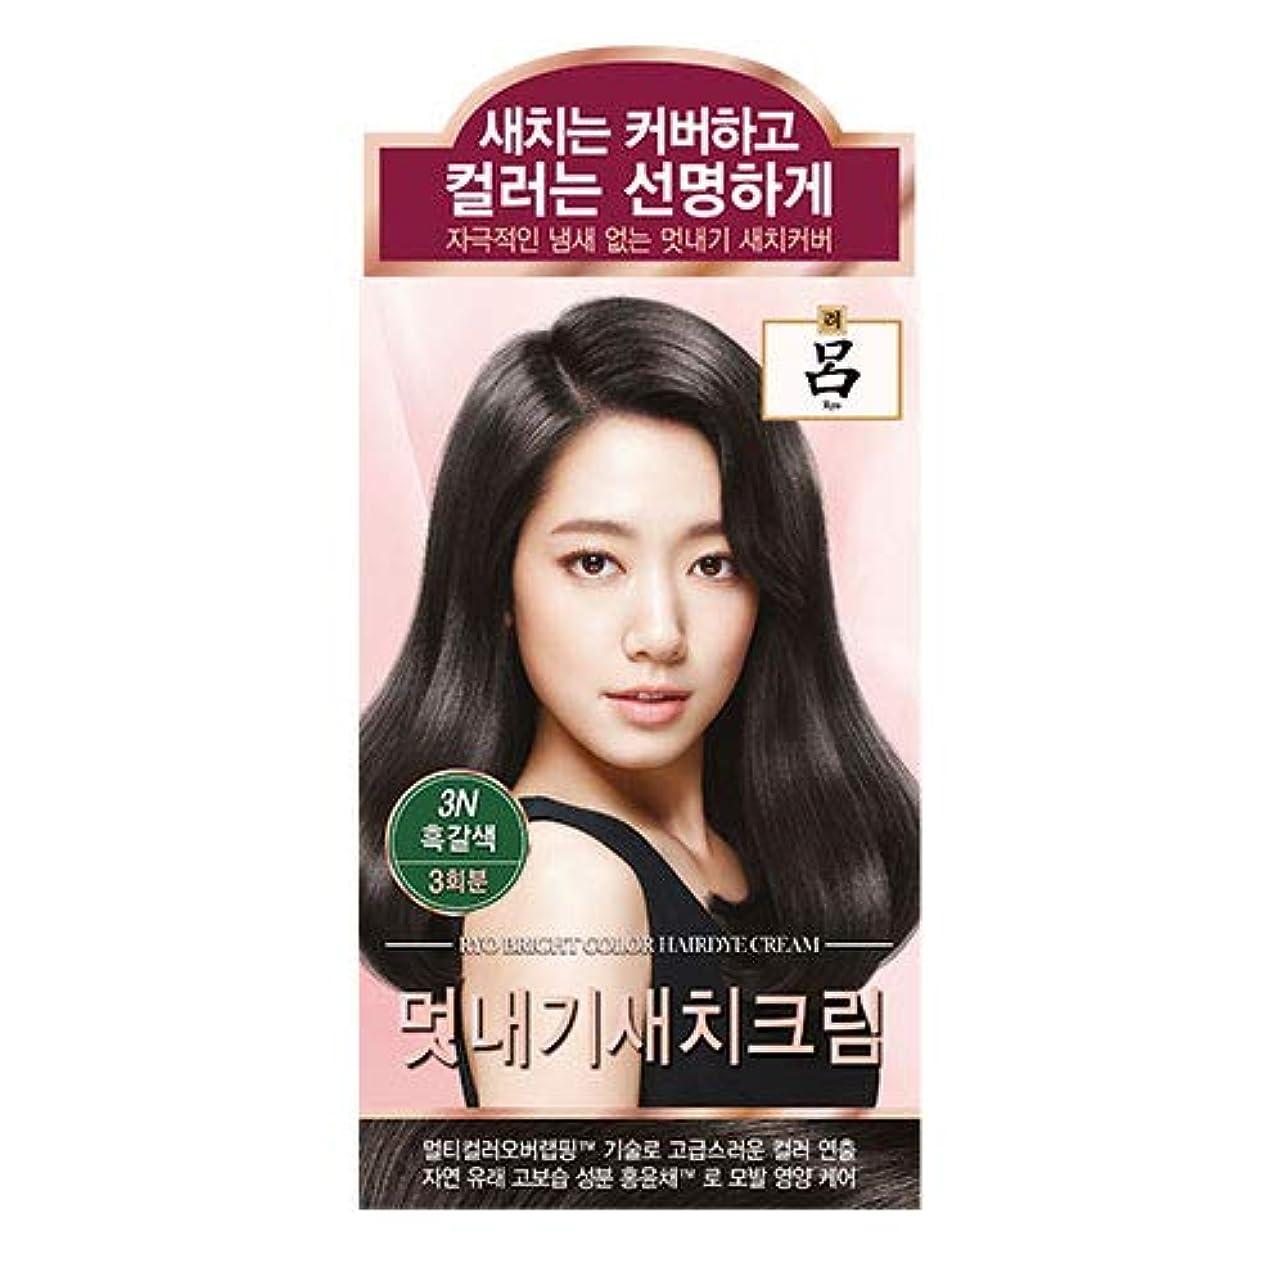 スポーツひそかに変色するアモーレパシフィック呂[AMOREPACIFIC/Ryo] ブライトカラーヘアアイクリーム 3N ダークブラウン/Bright Color Hairdye Cream 3N Dark Brown